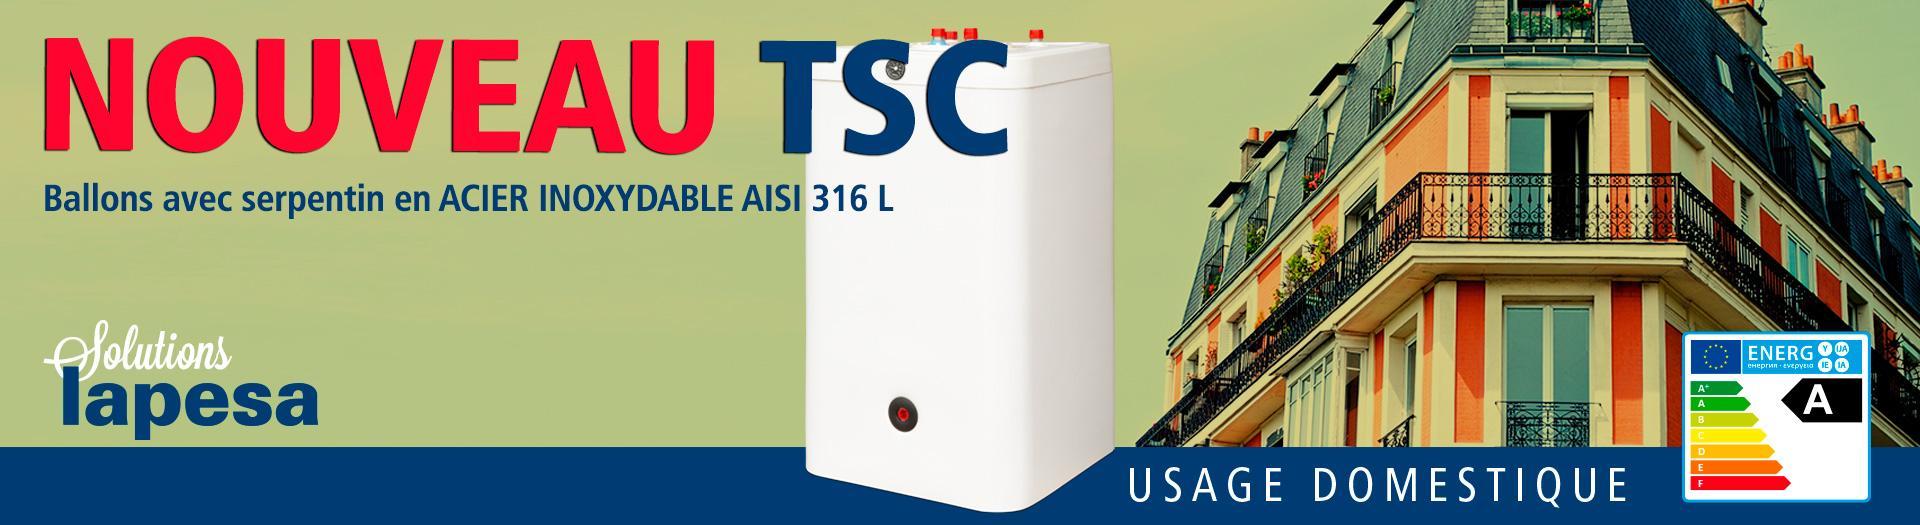 Nouveaux modèles TSC